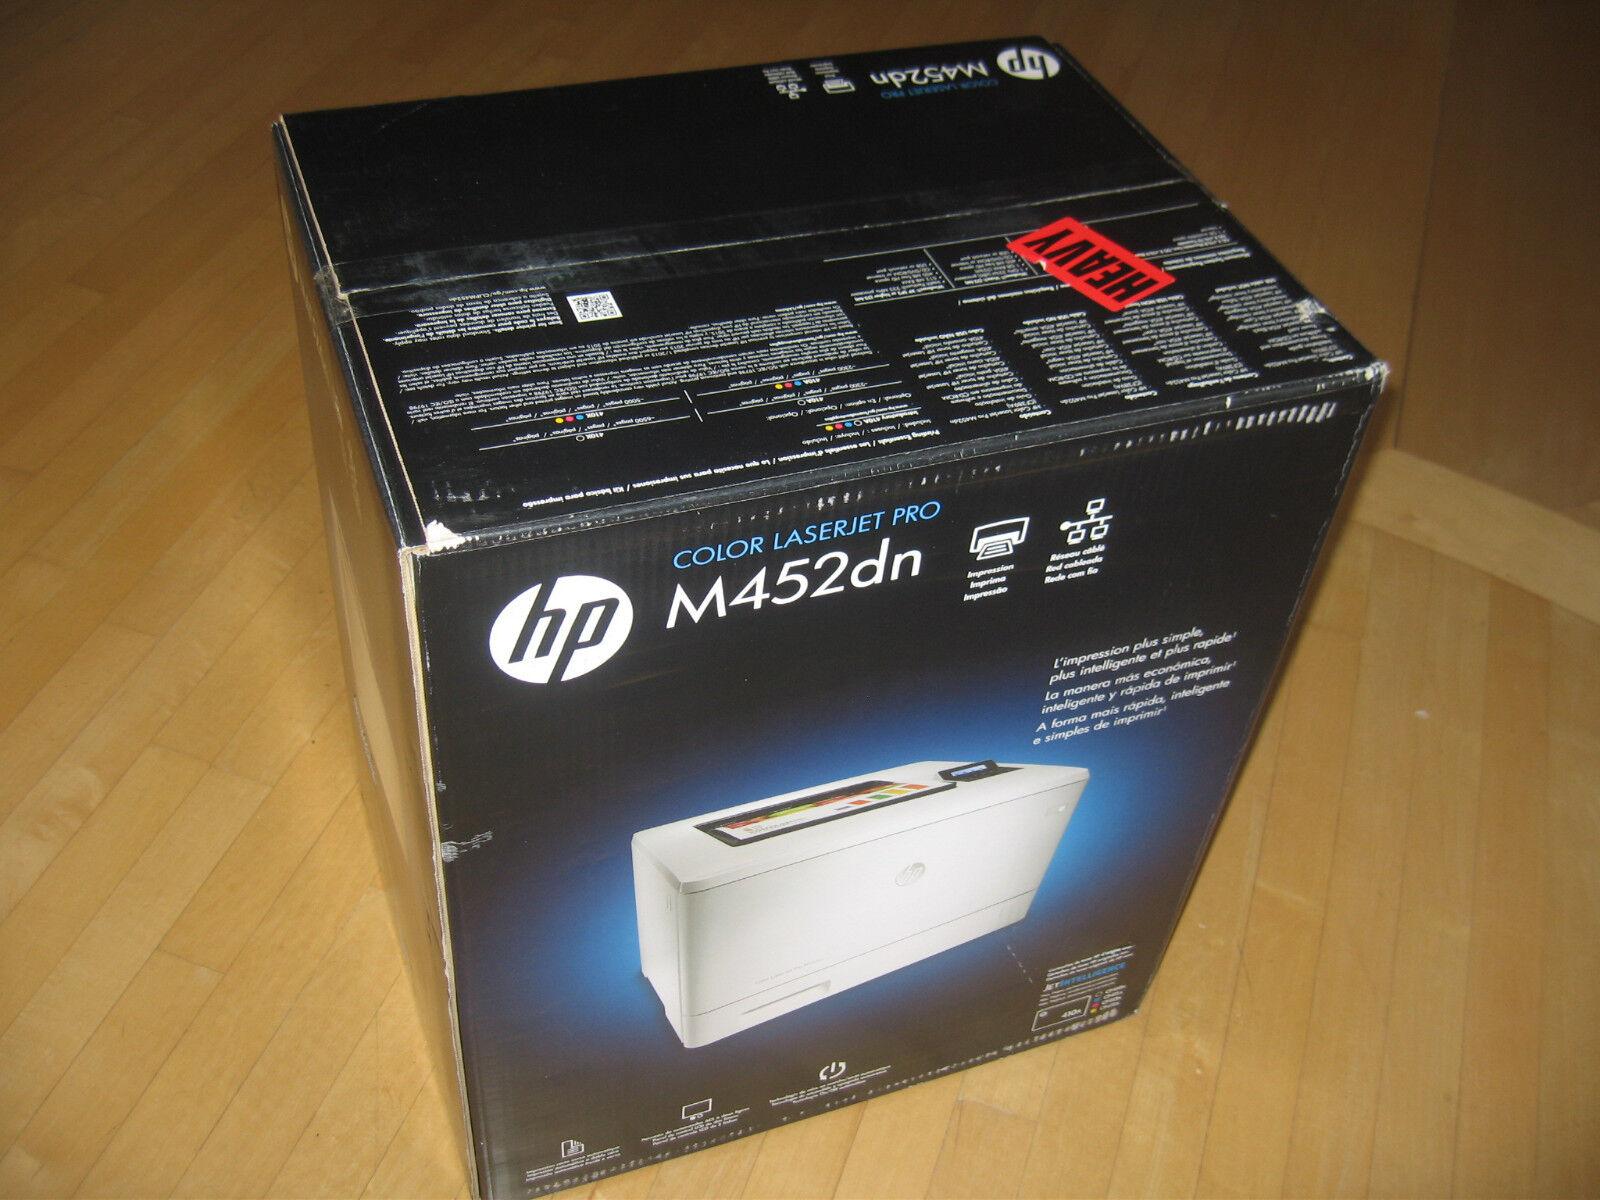 HP LaserJet Pro M452dn Laser Printer - Color - 600 x 600 dpi